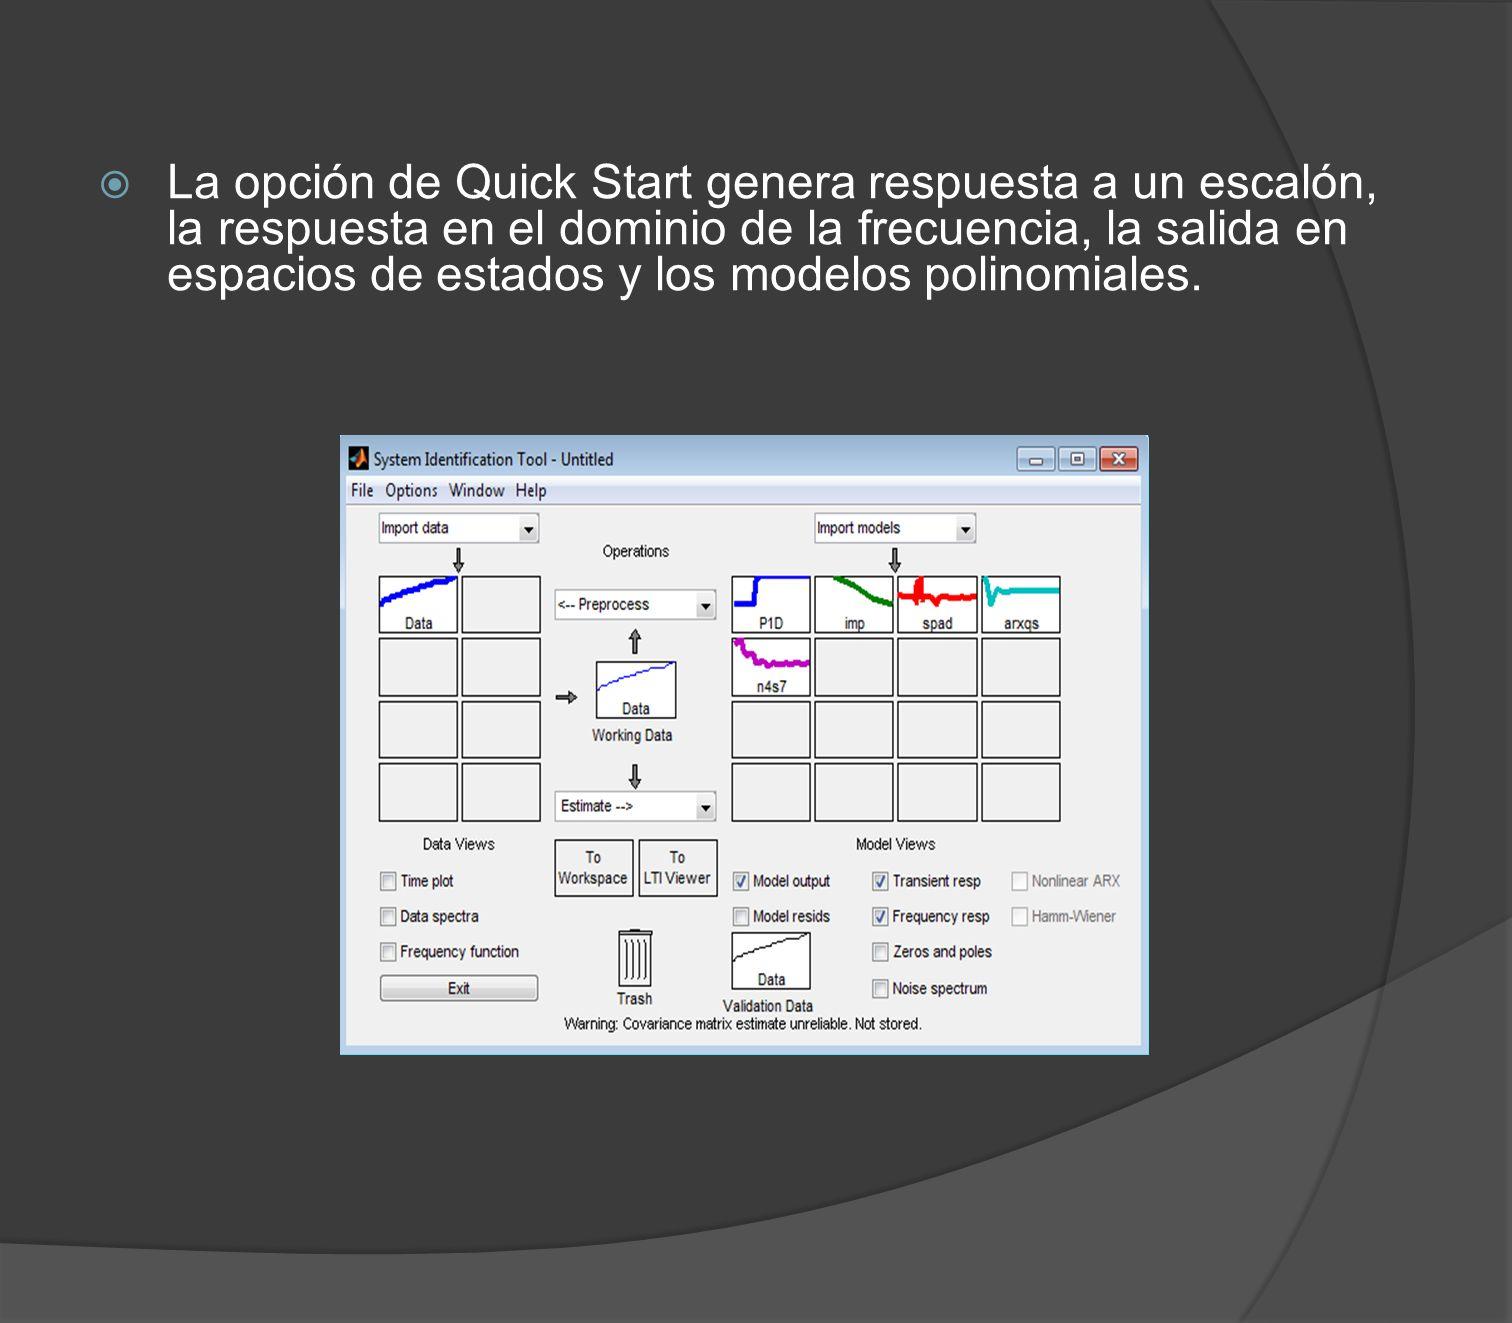 La opción de Quick Start genera respuesta a un escalón, la respuesta en el dominio de la frecuencia, la salida en espacios de estados y los modelos polinomiales.